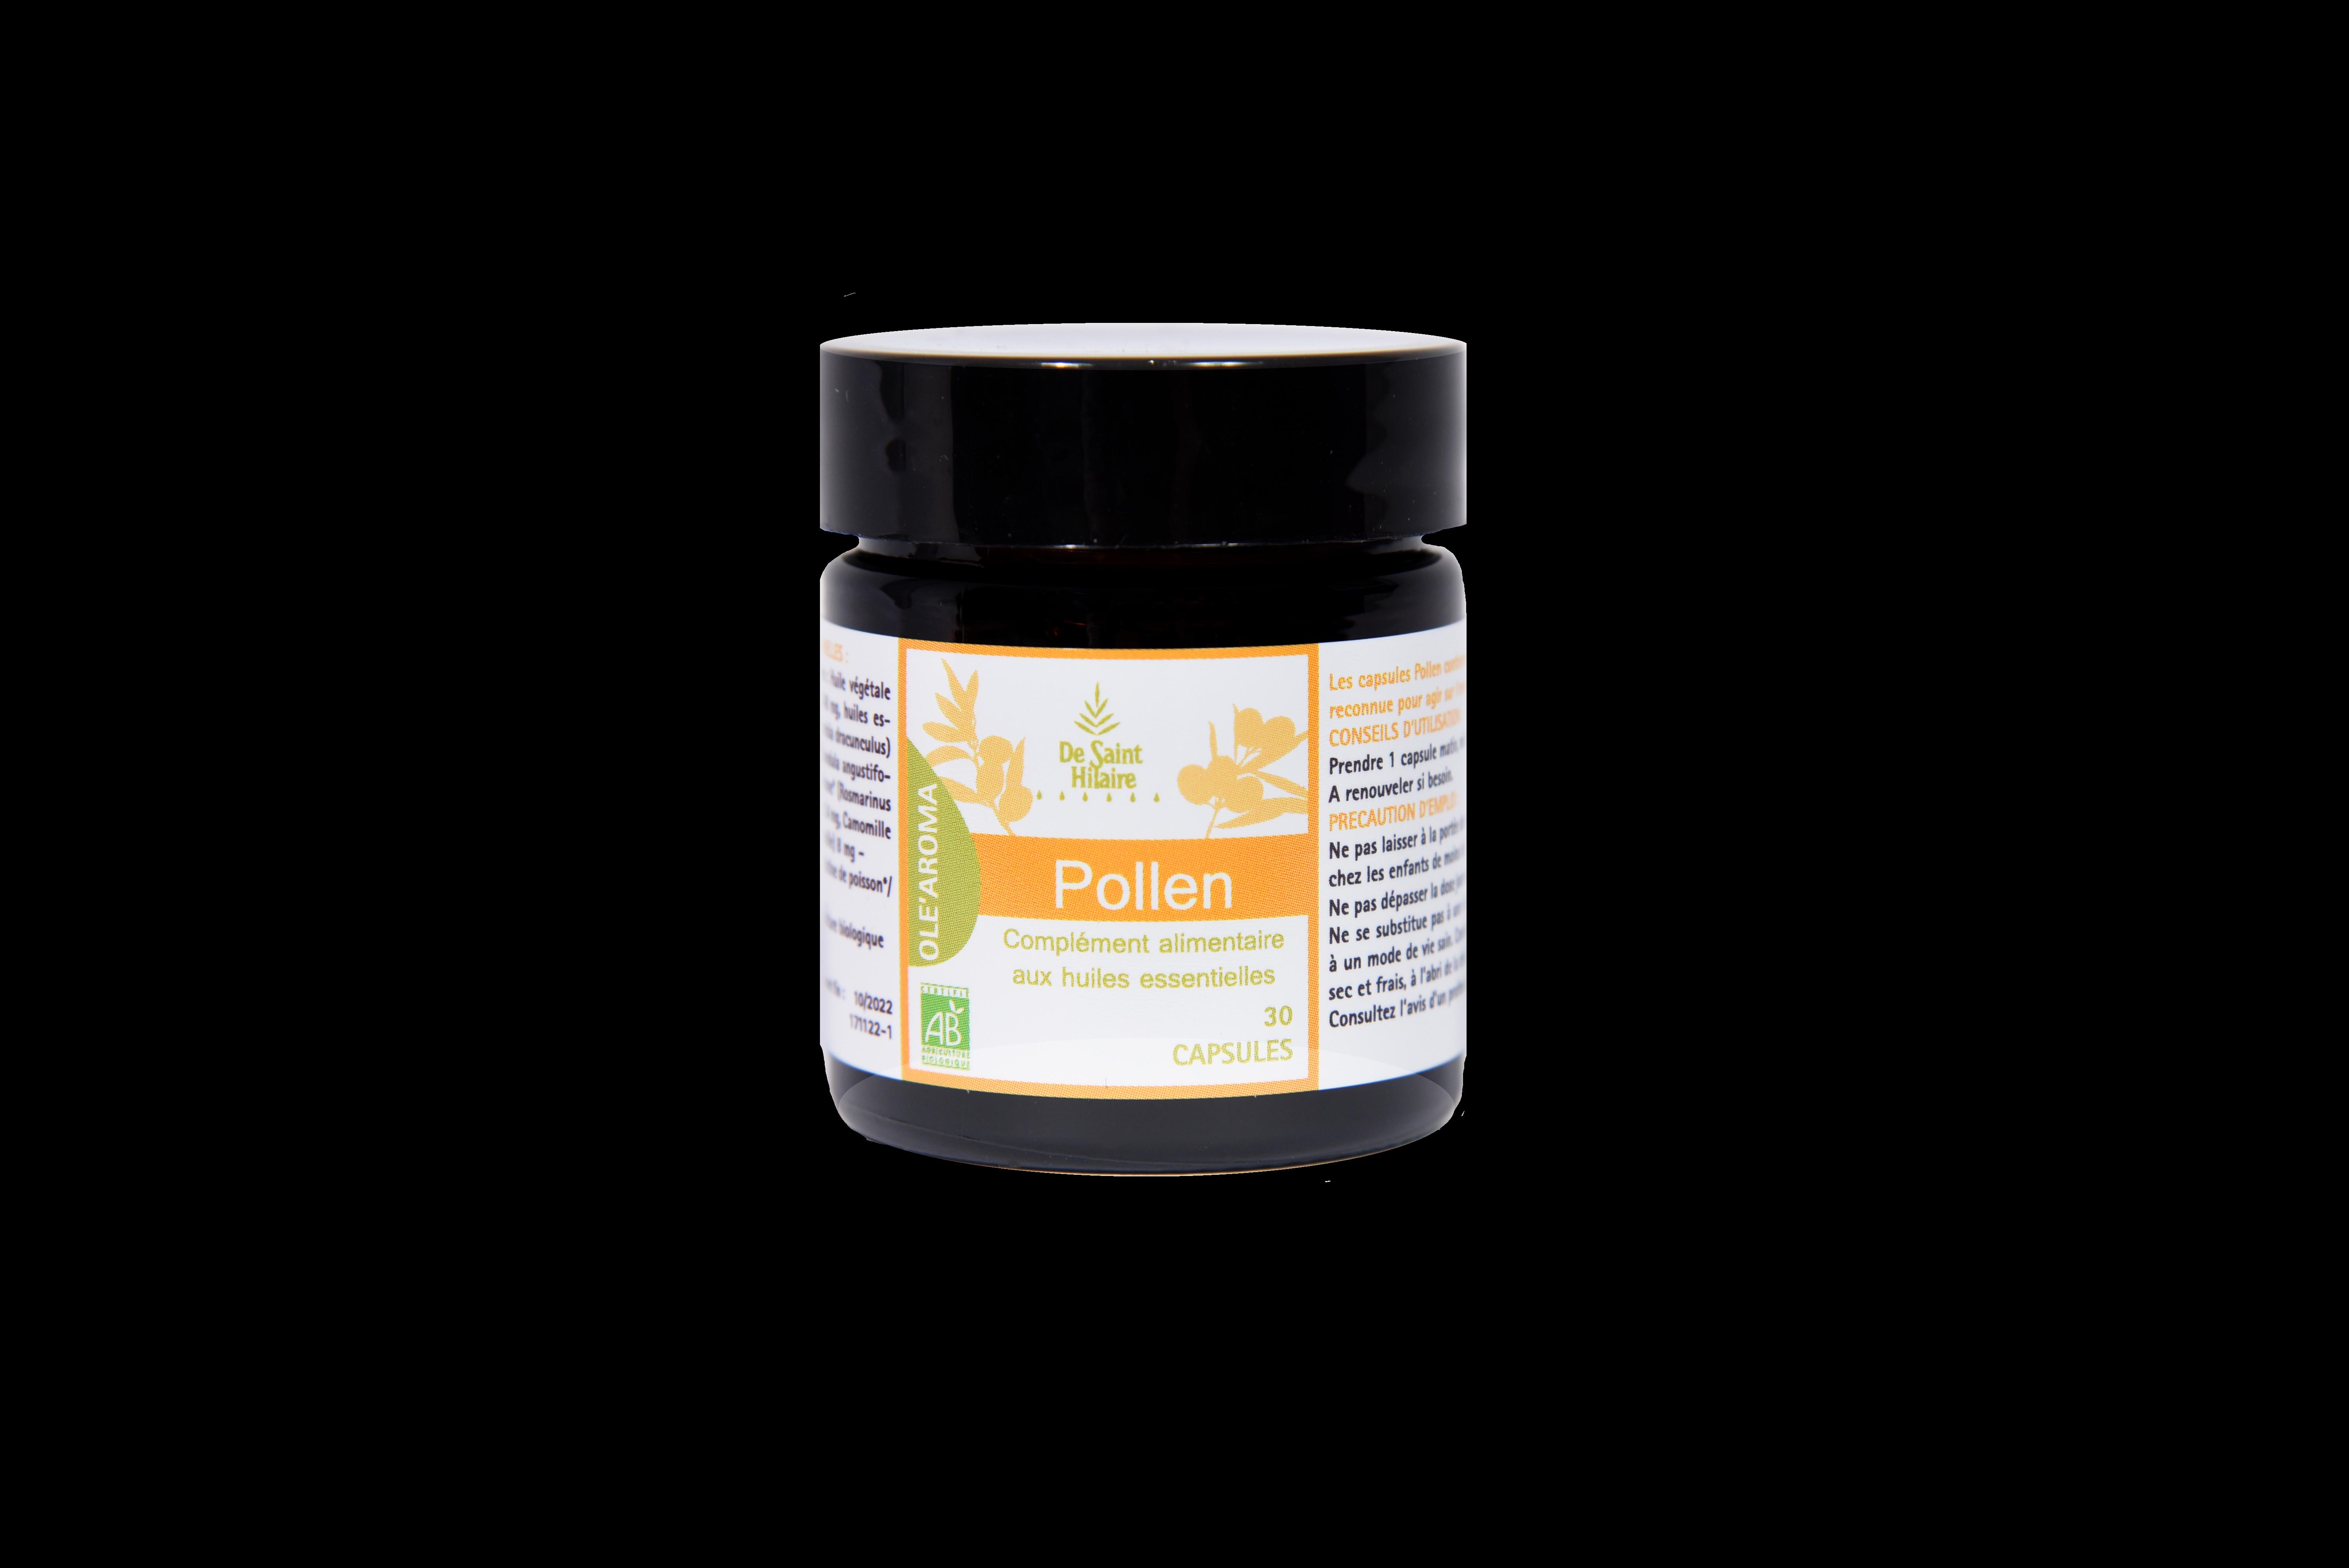 Pollen Ole'Aroma Capsules aux huiles essentielles bio